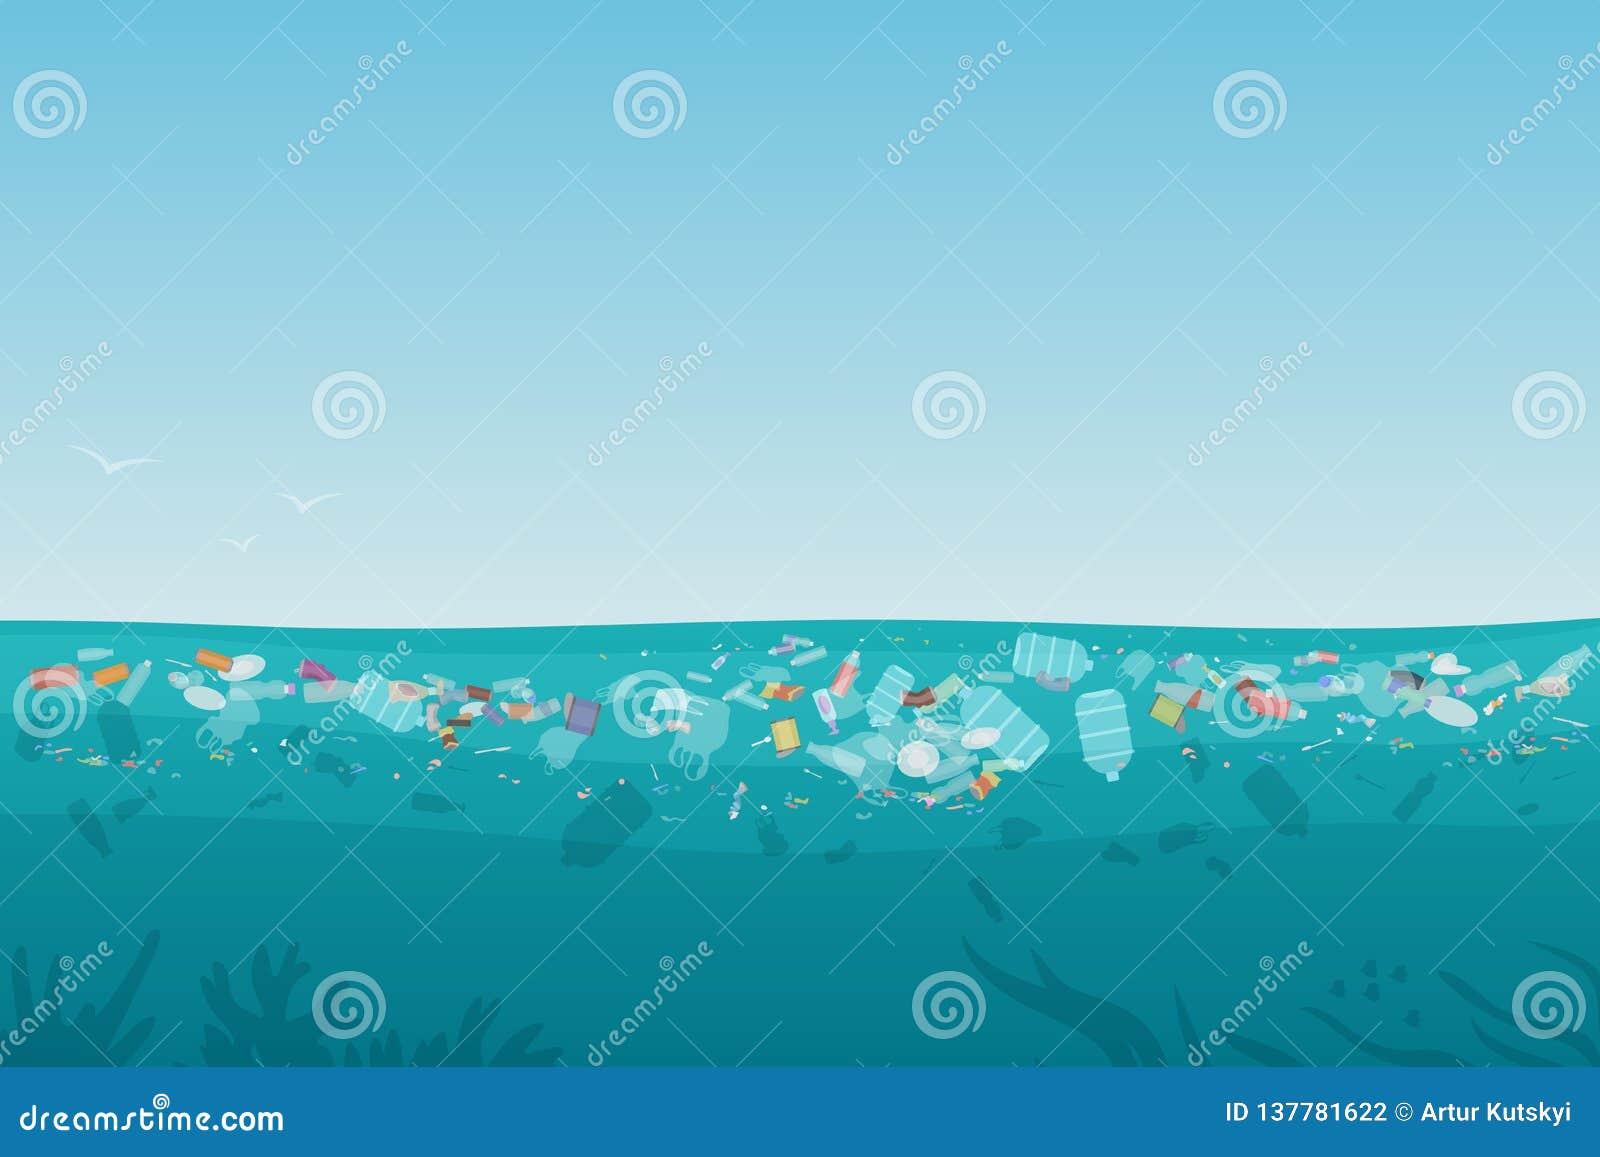 Déchets en plastique de pollution sur la surface de mer avec différents genres de déchets - bouteilles en plastique, sacs, déchet